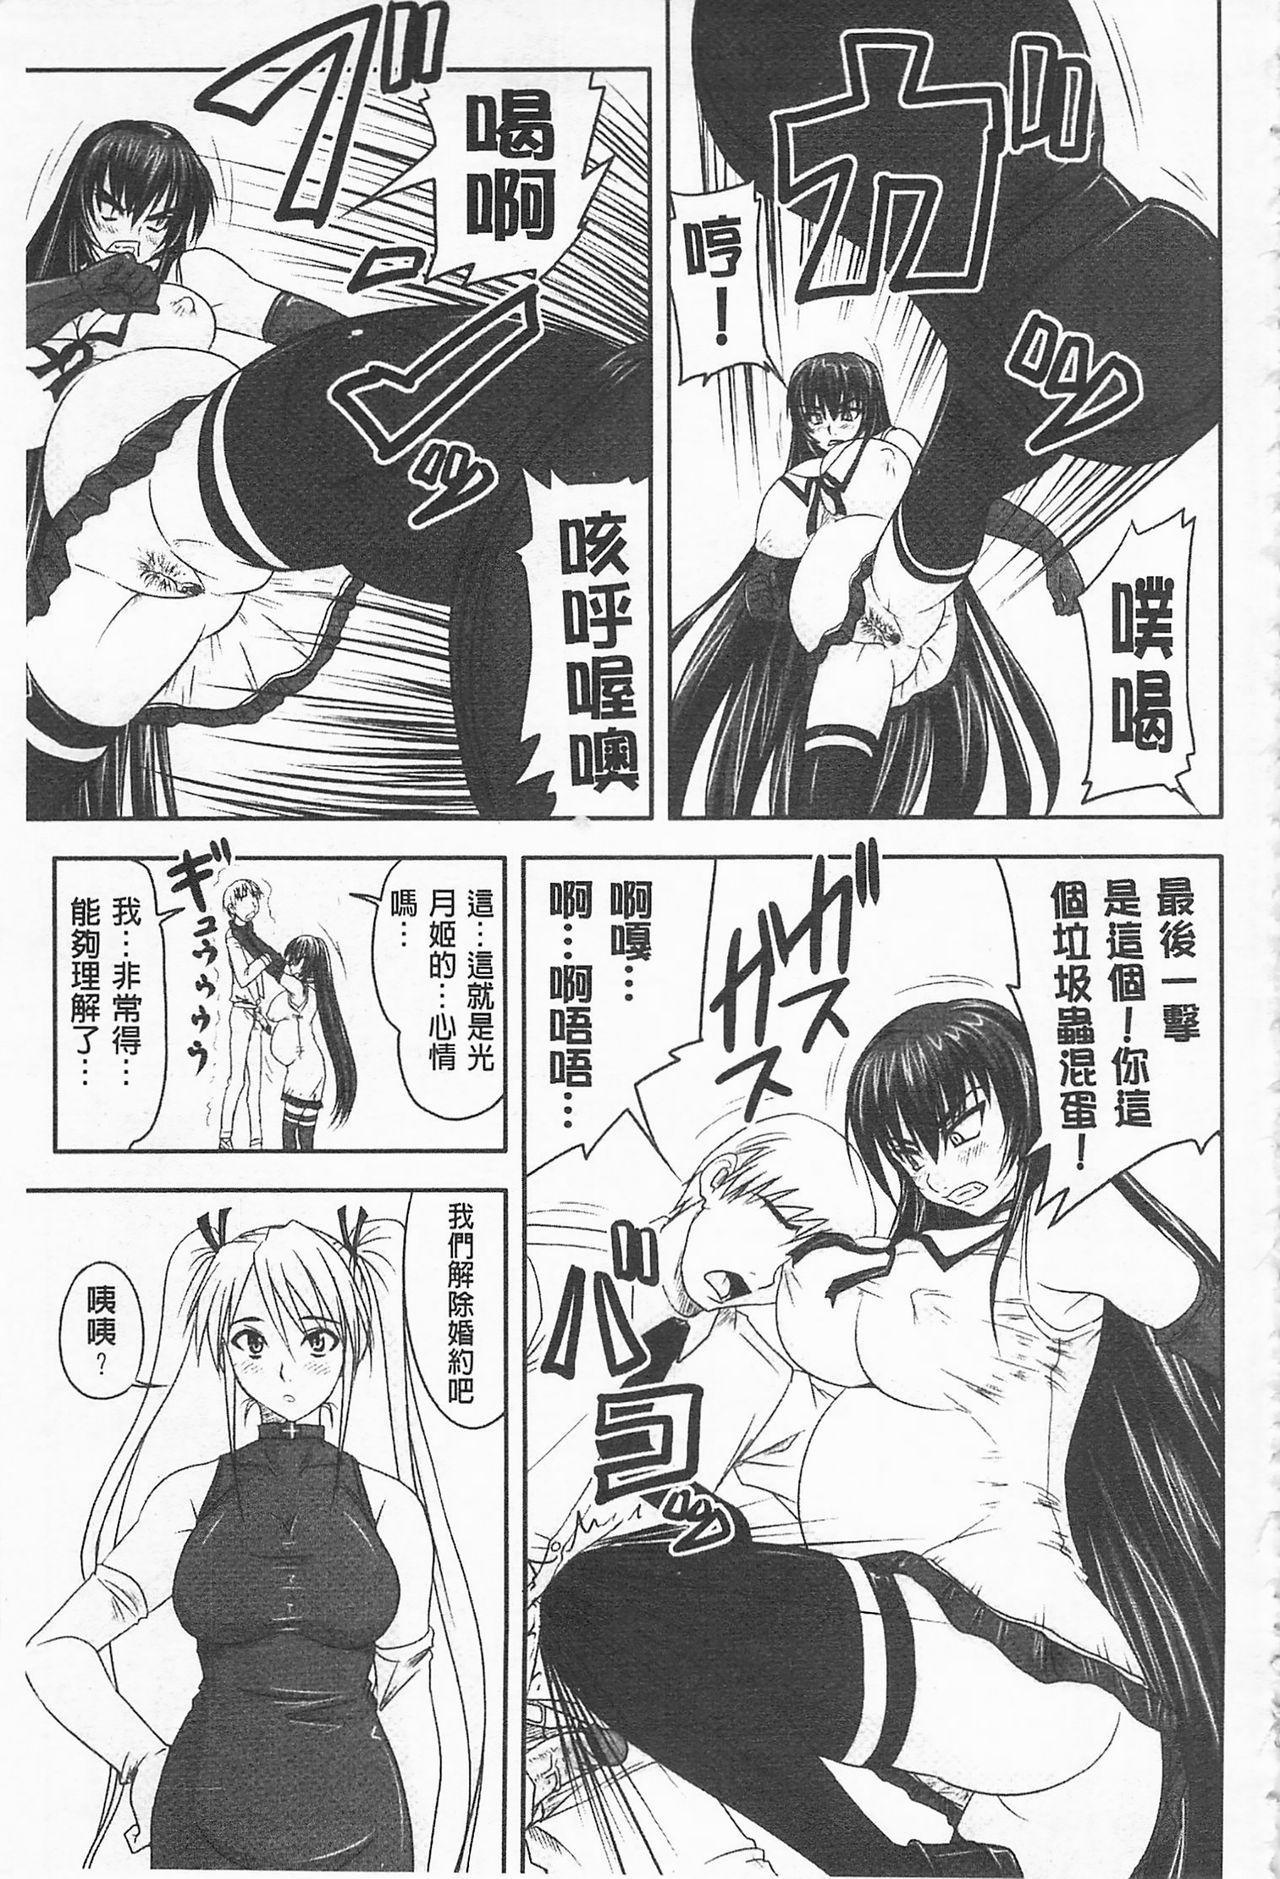 [Nozarashi Satoru] Do S na Hime wa Kegasareru -Inga no Shou- | 超S的公主被玷汙了 ~因果之章~ [Chinese] 221